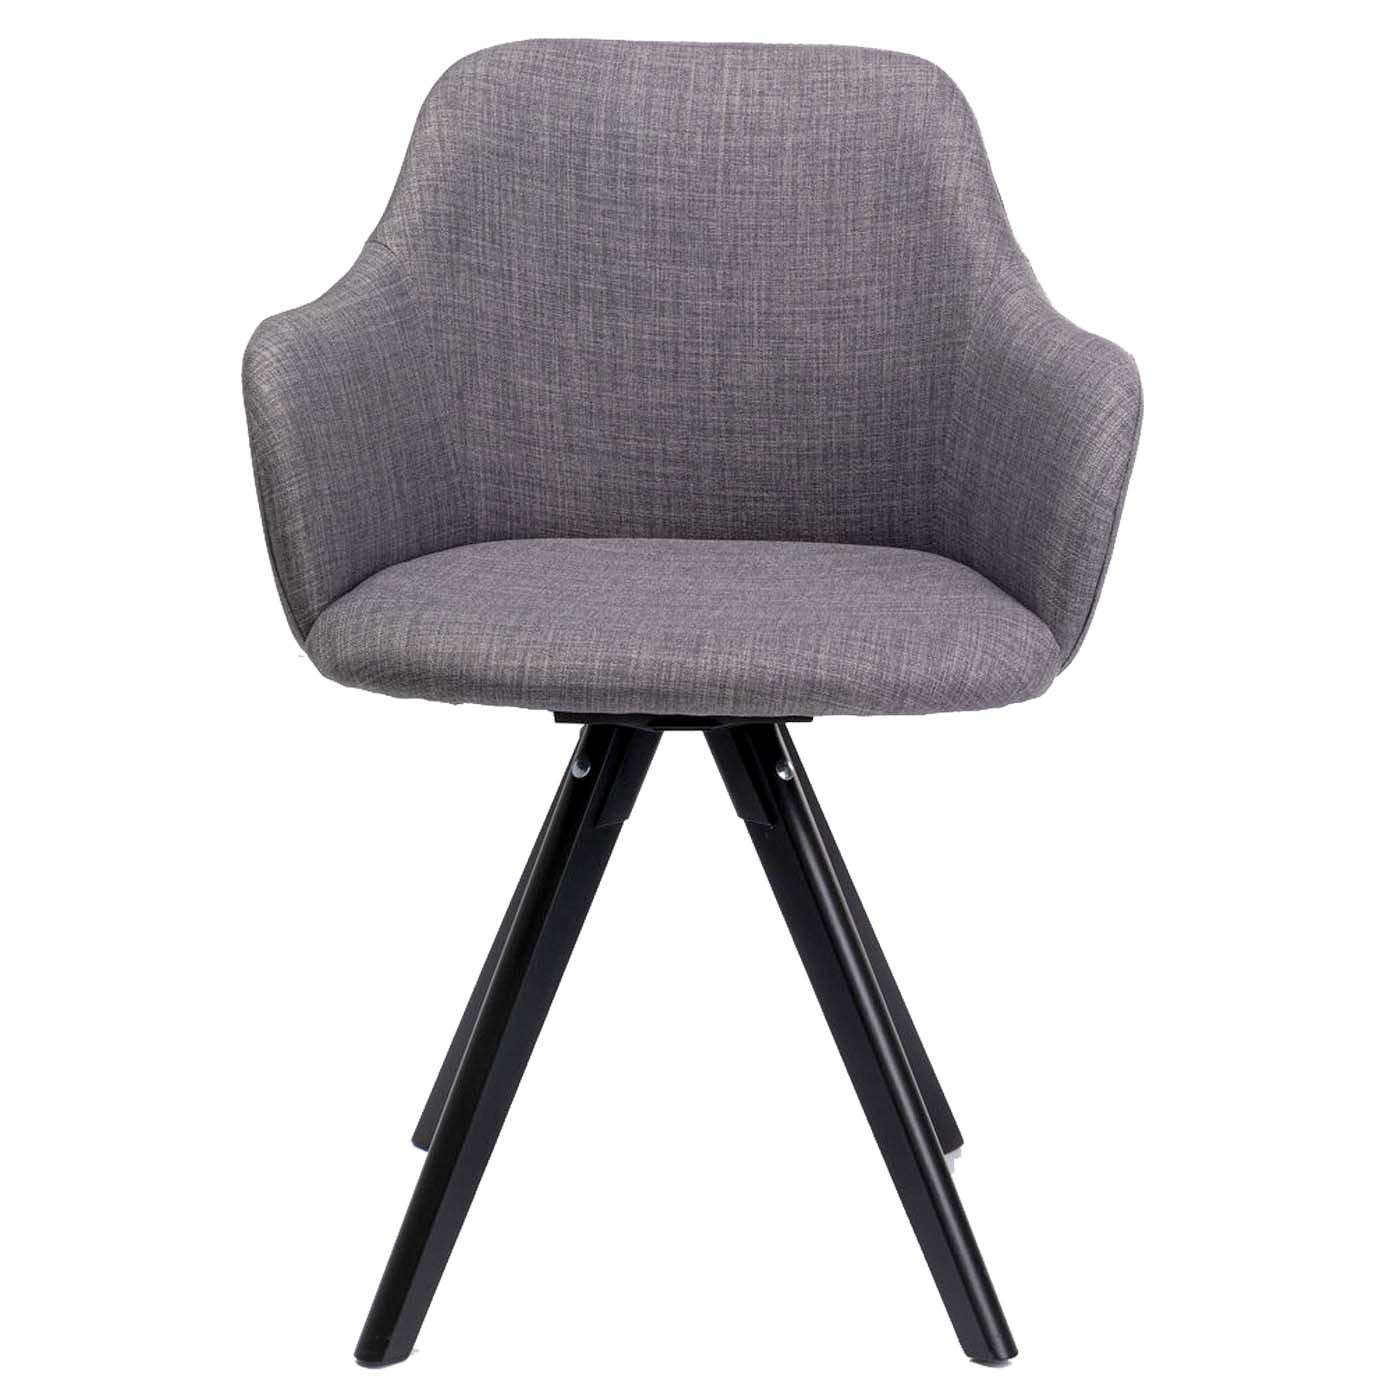 Chaise avec accoudoirs pivotante Lady grise pieds noirs Kare Design